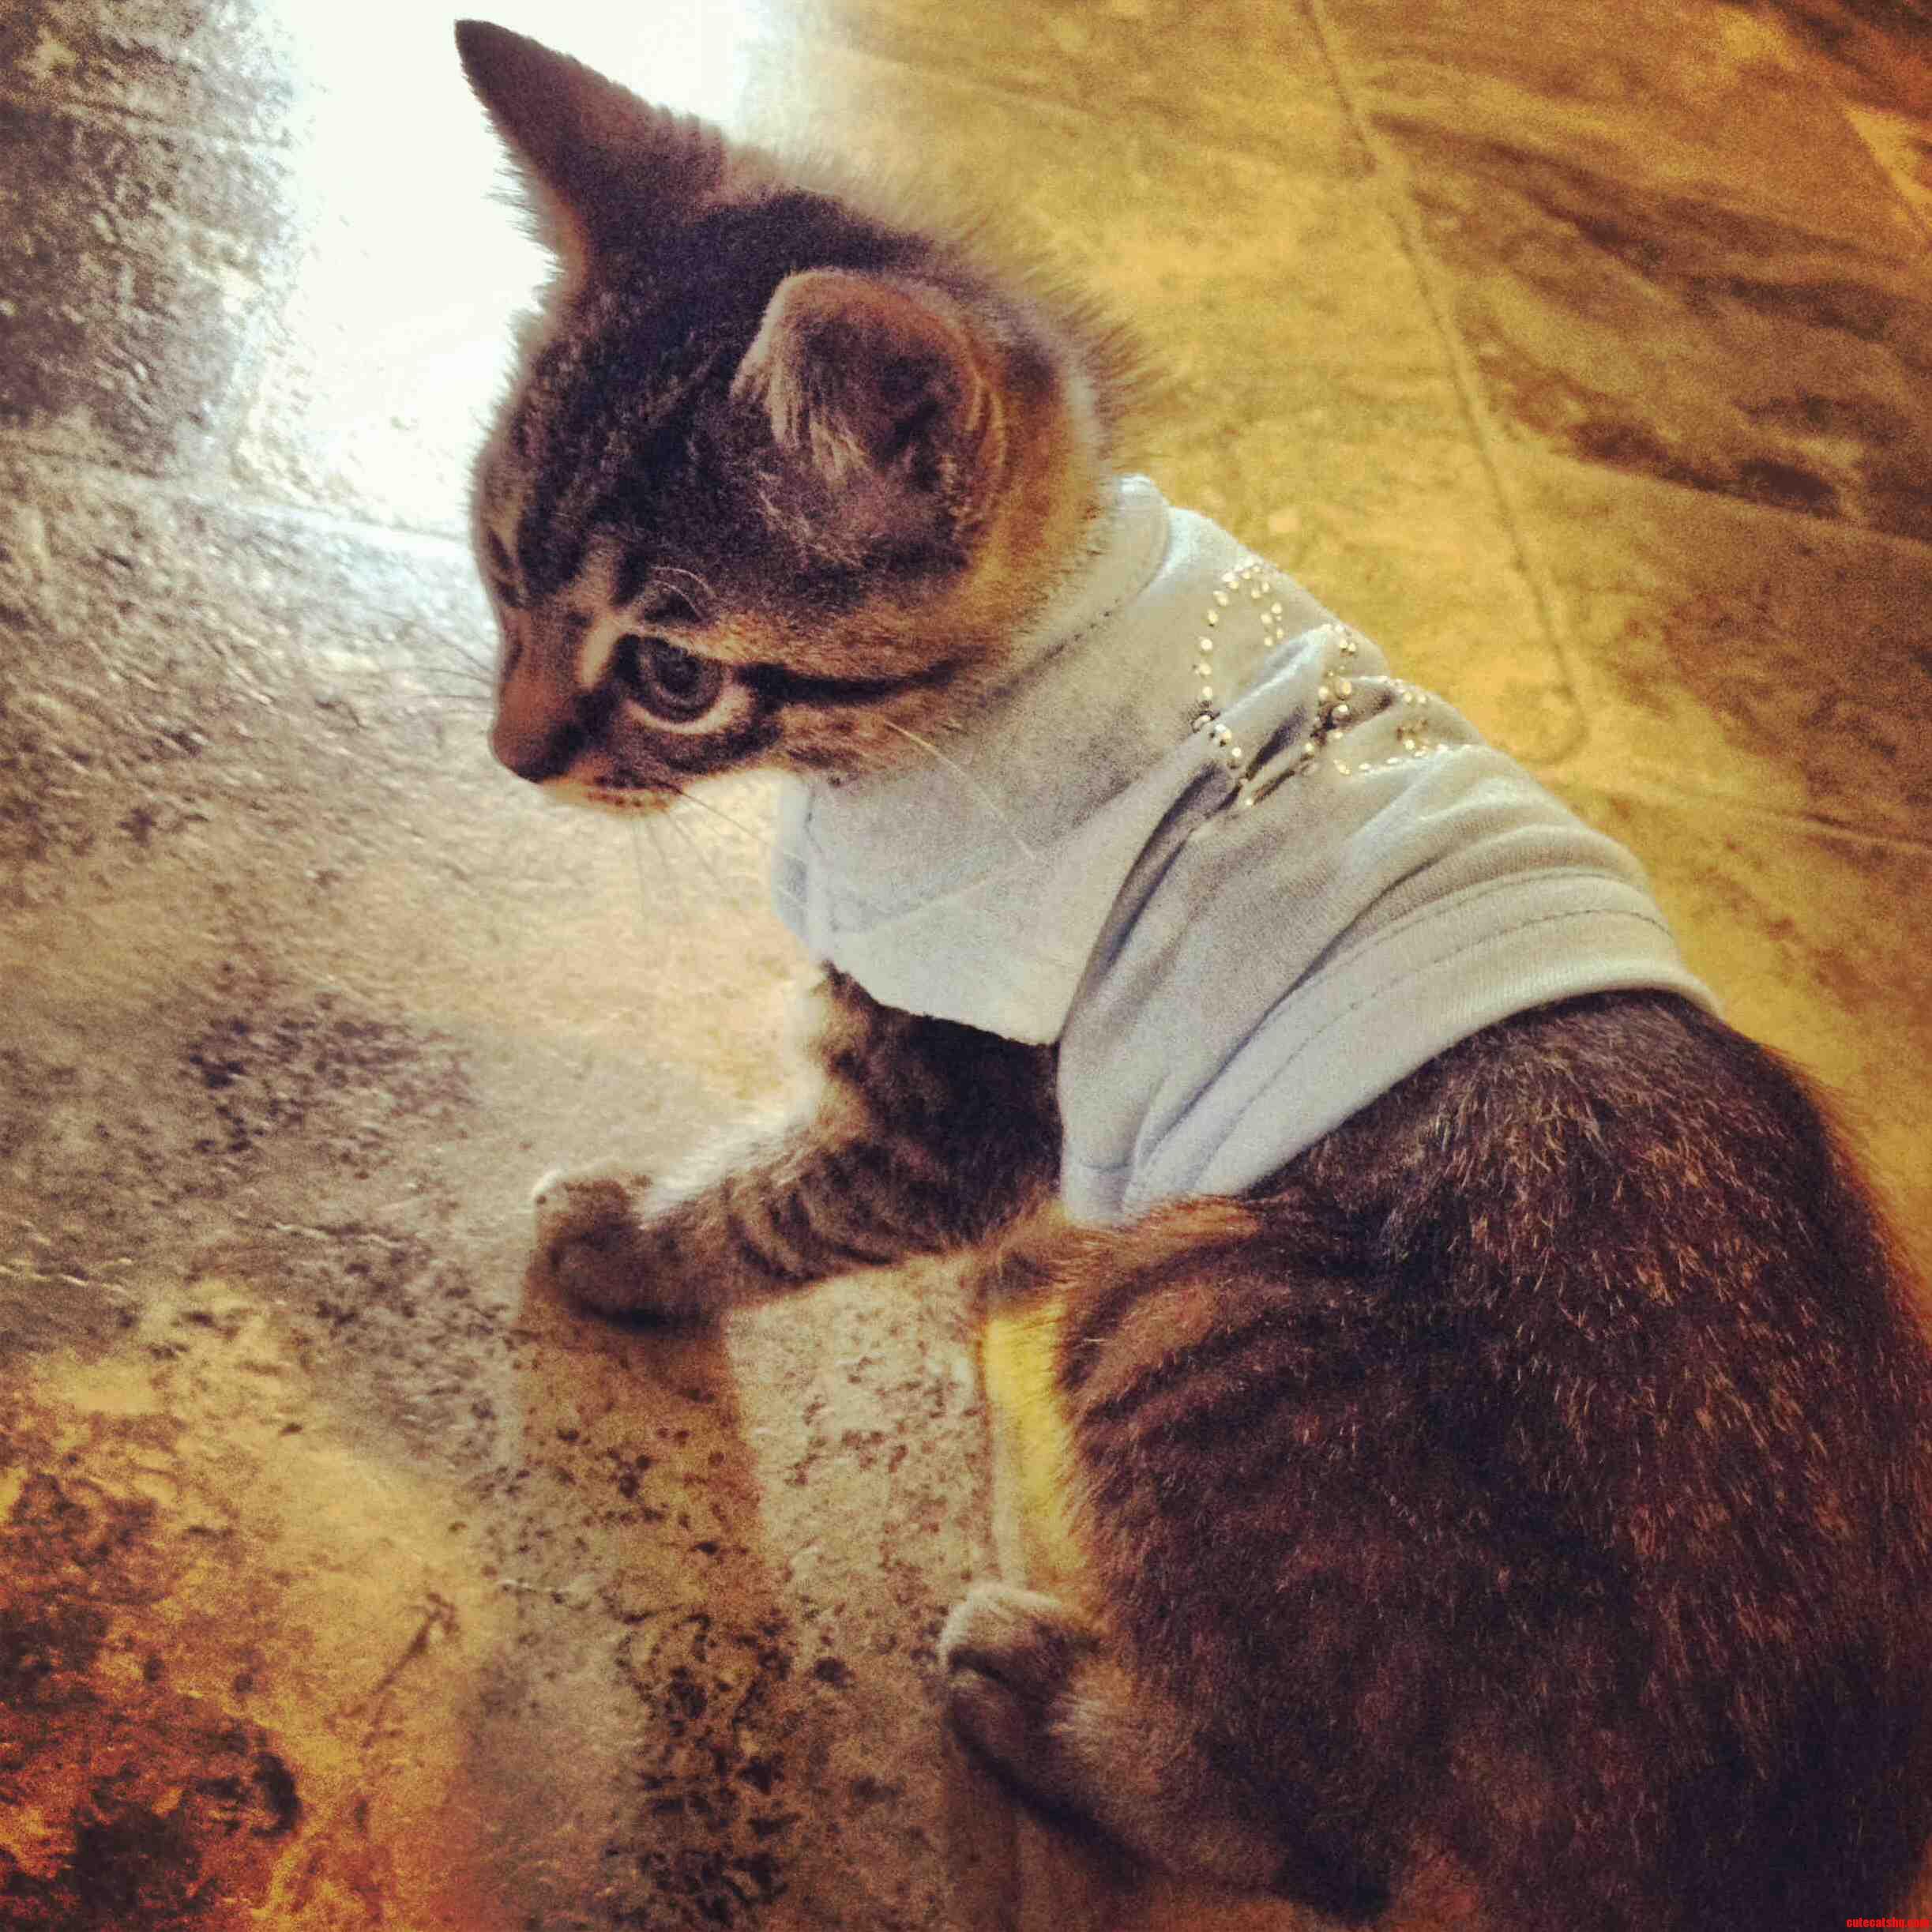 Meet Mister cat